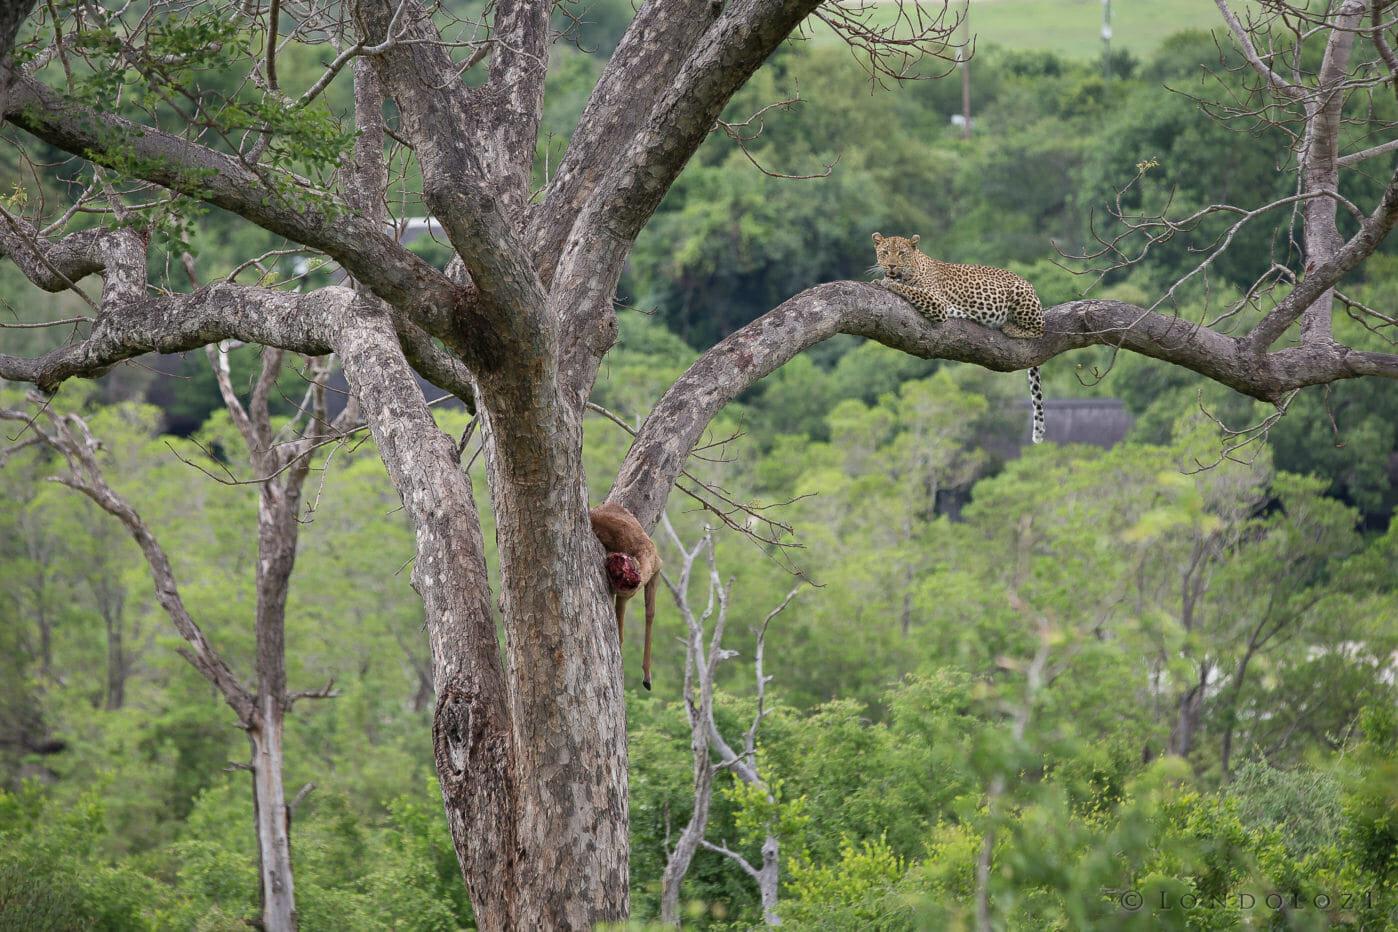 Tutlwa Female Leopard Marula Jt